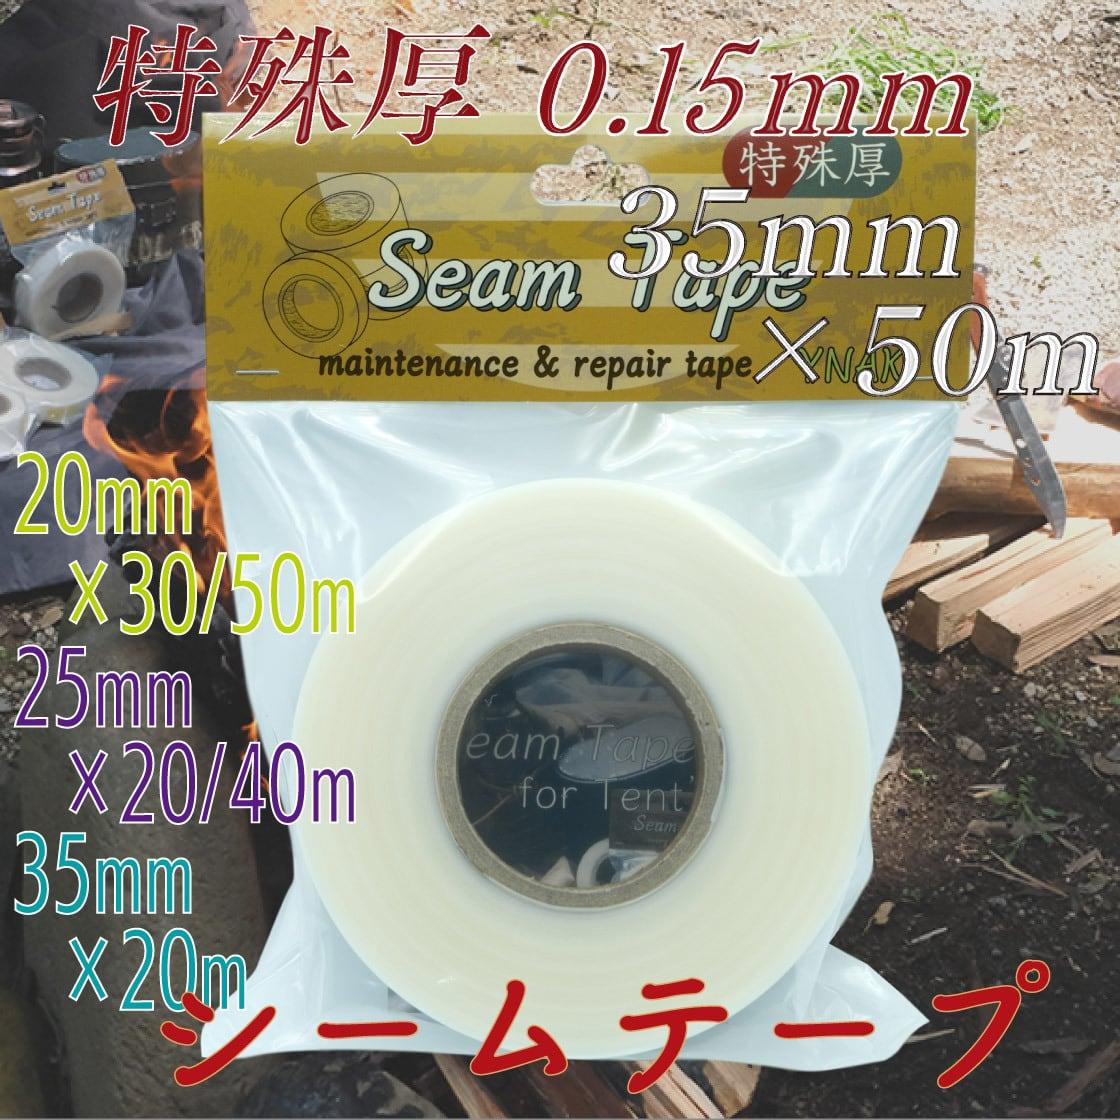 シームテープ 特殊厚 テント ザック タープ シート レインウェア 補修 メンテナンス 用 強力 アイロン接着 厚さ0.15mm 幅35mm×50m YNAK